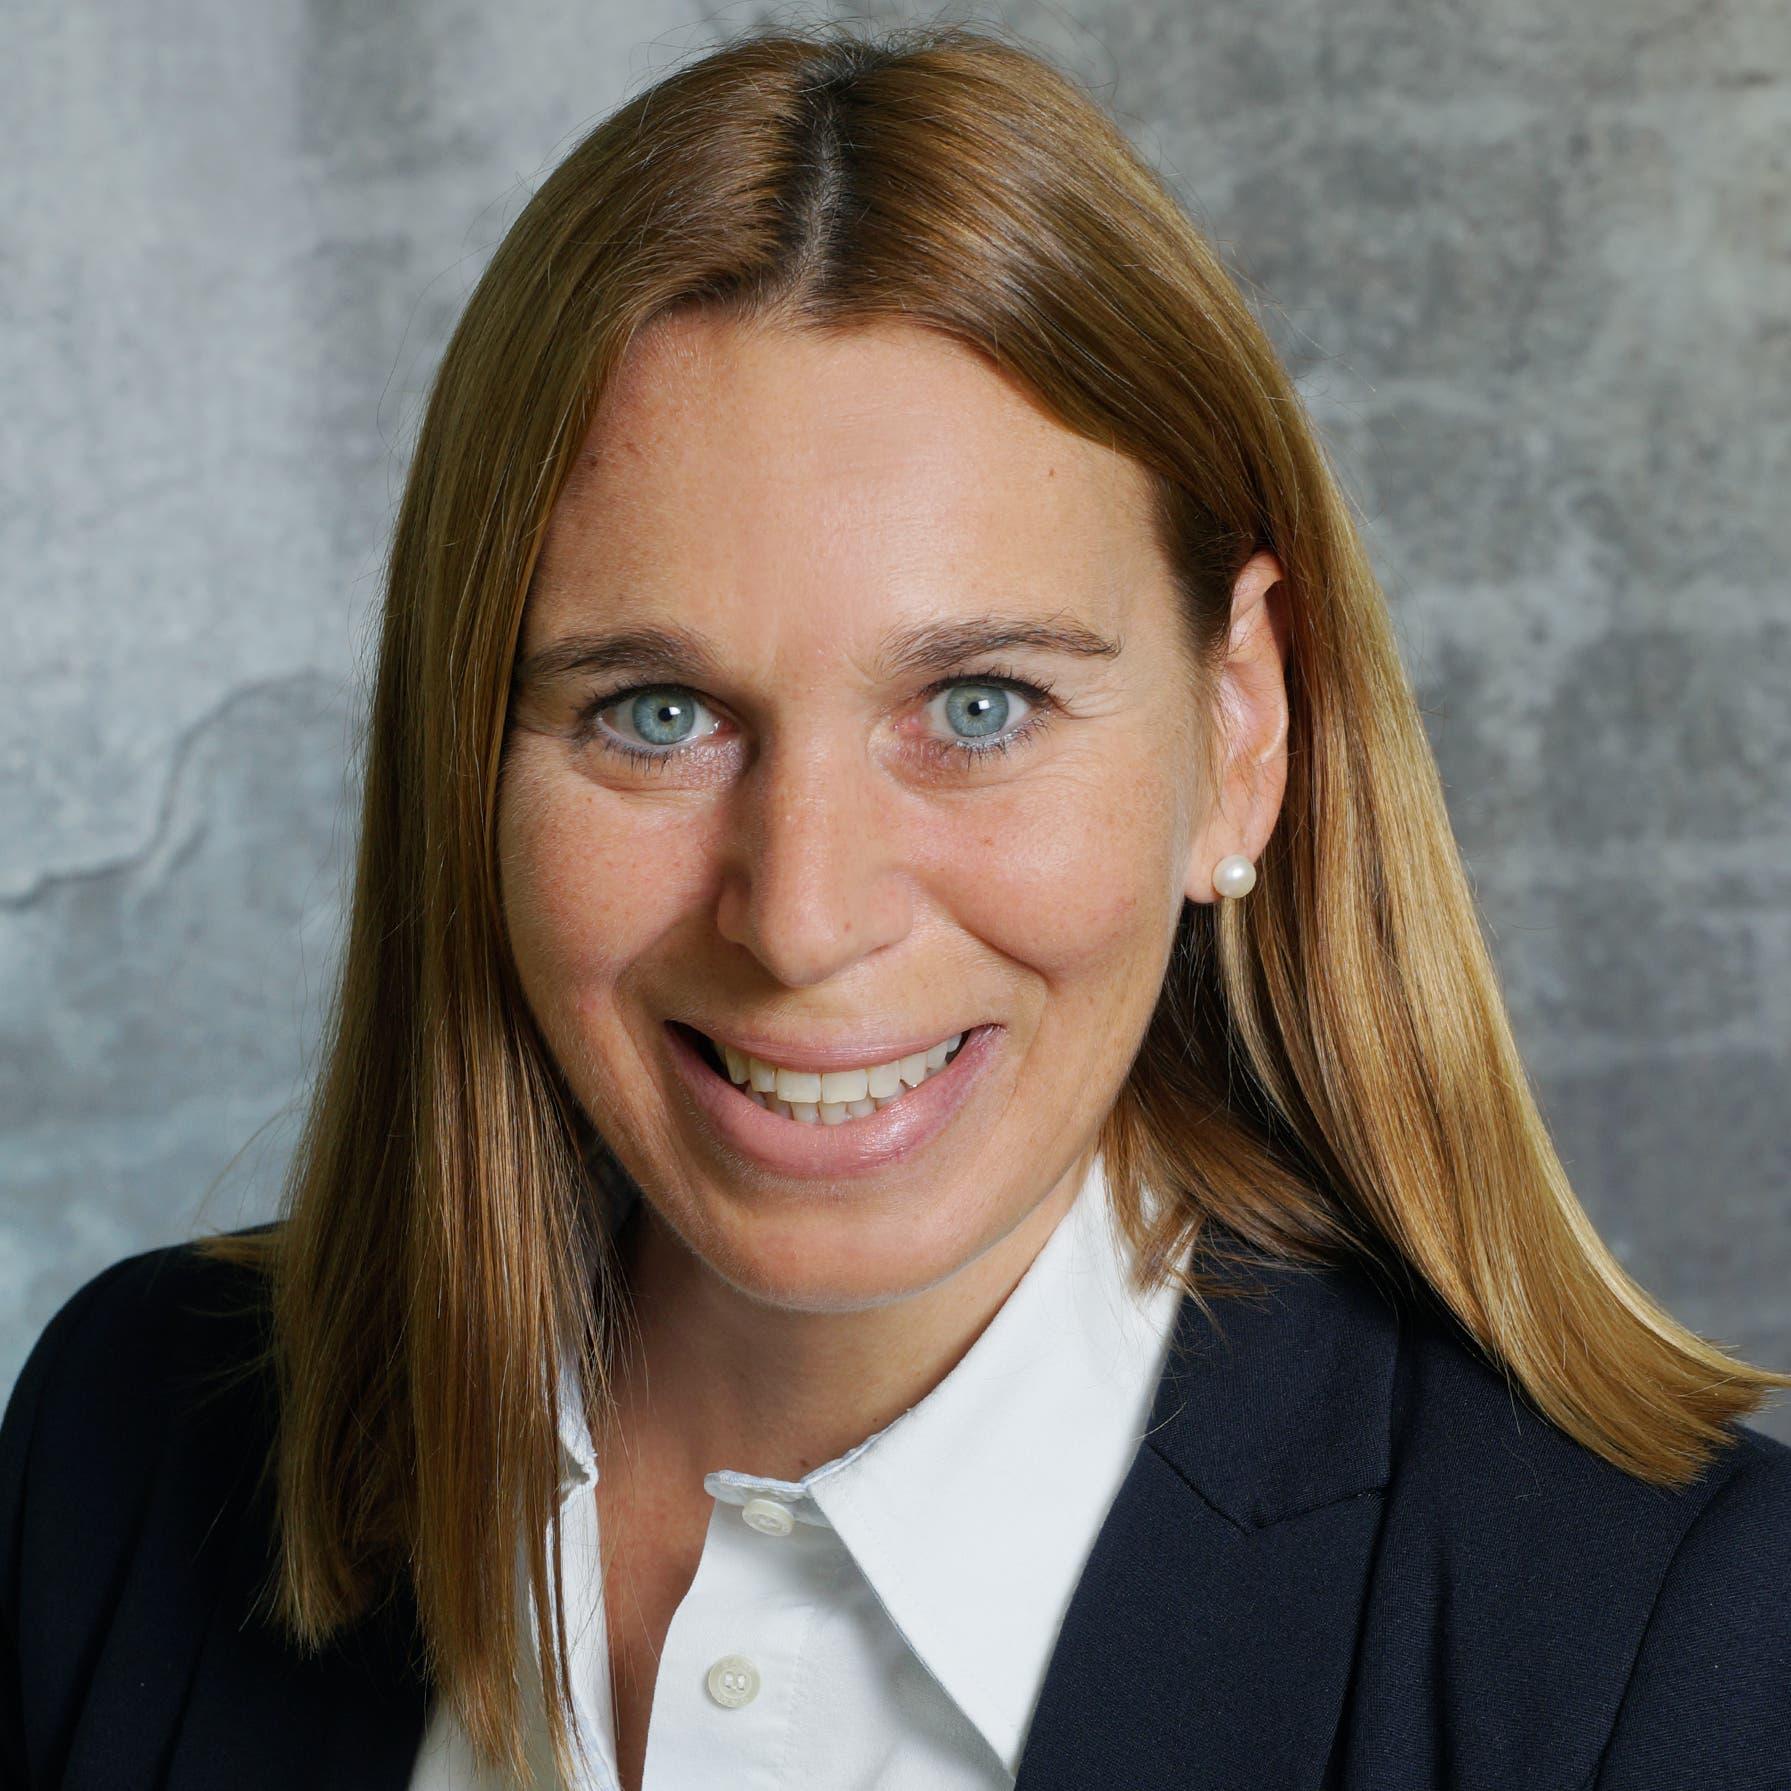 Melanie Zellweger, SVP, neu (rückt für den in den Regierungsrat gewählten Urs Martin nach, sofern sie die Wahl annimmt)